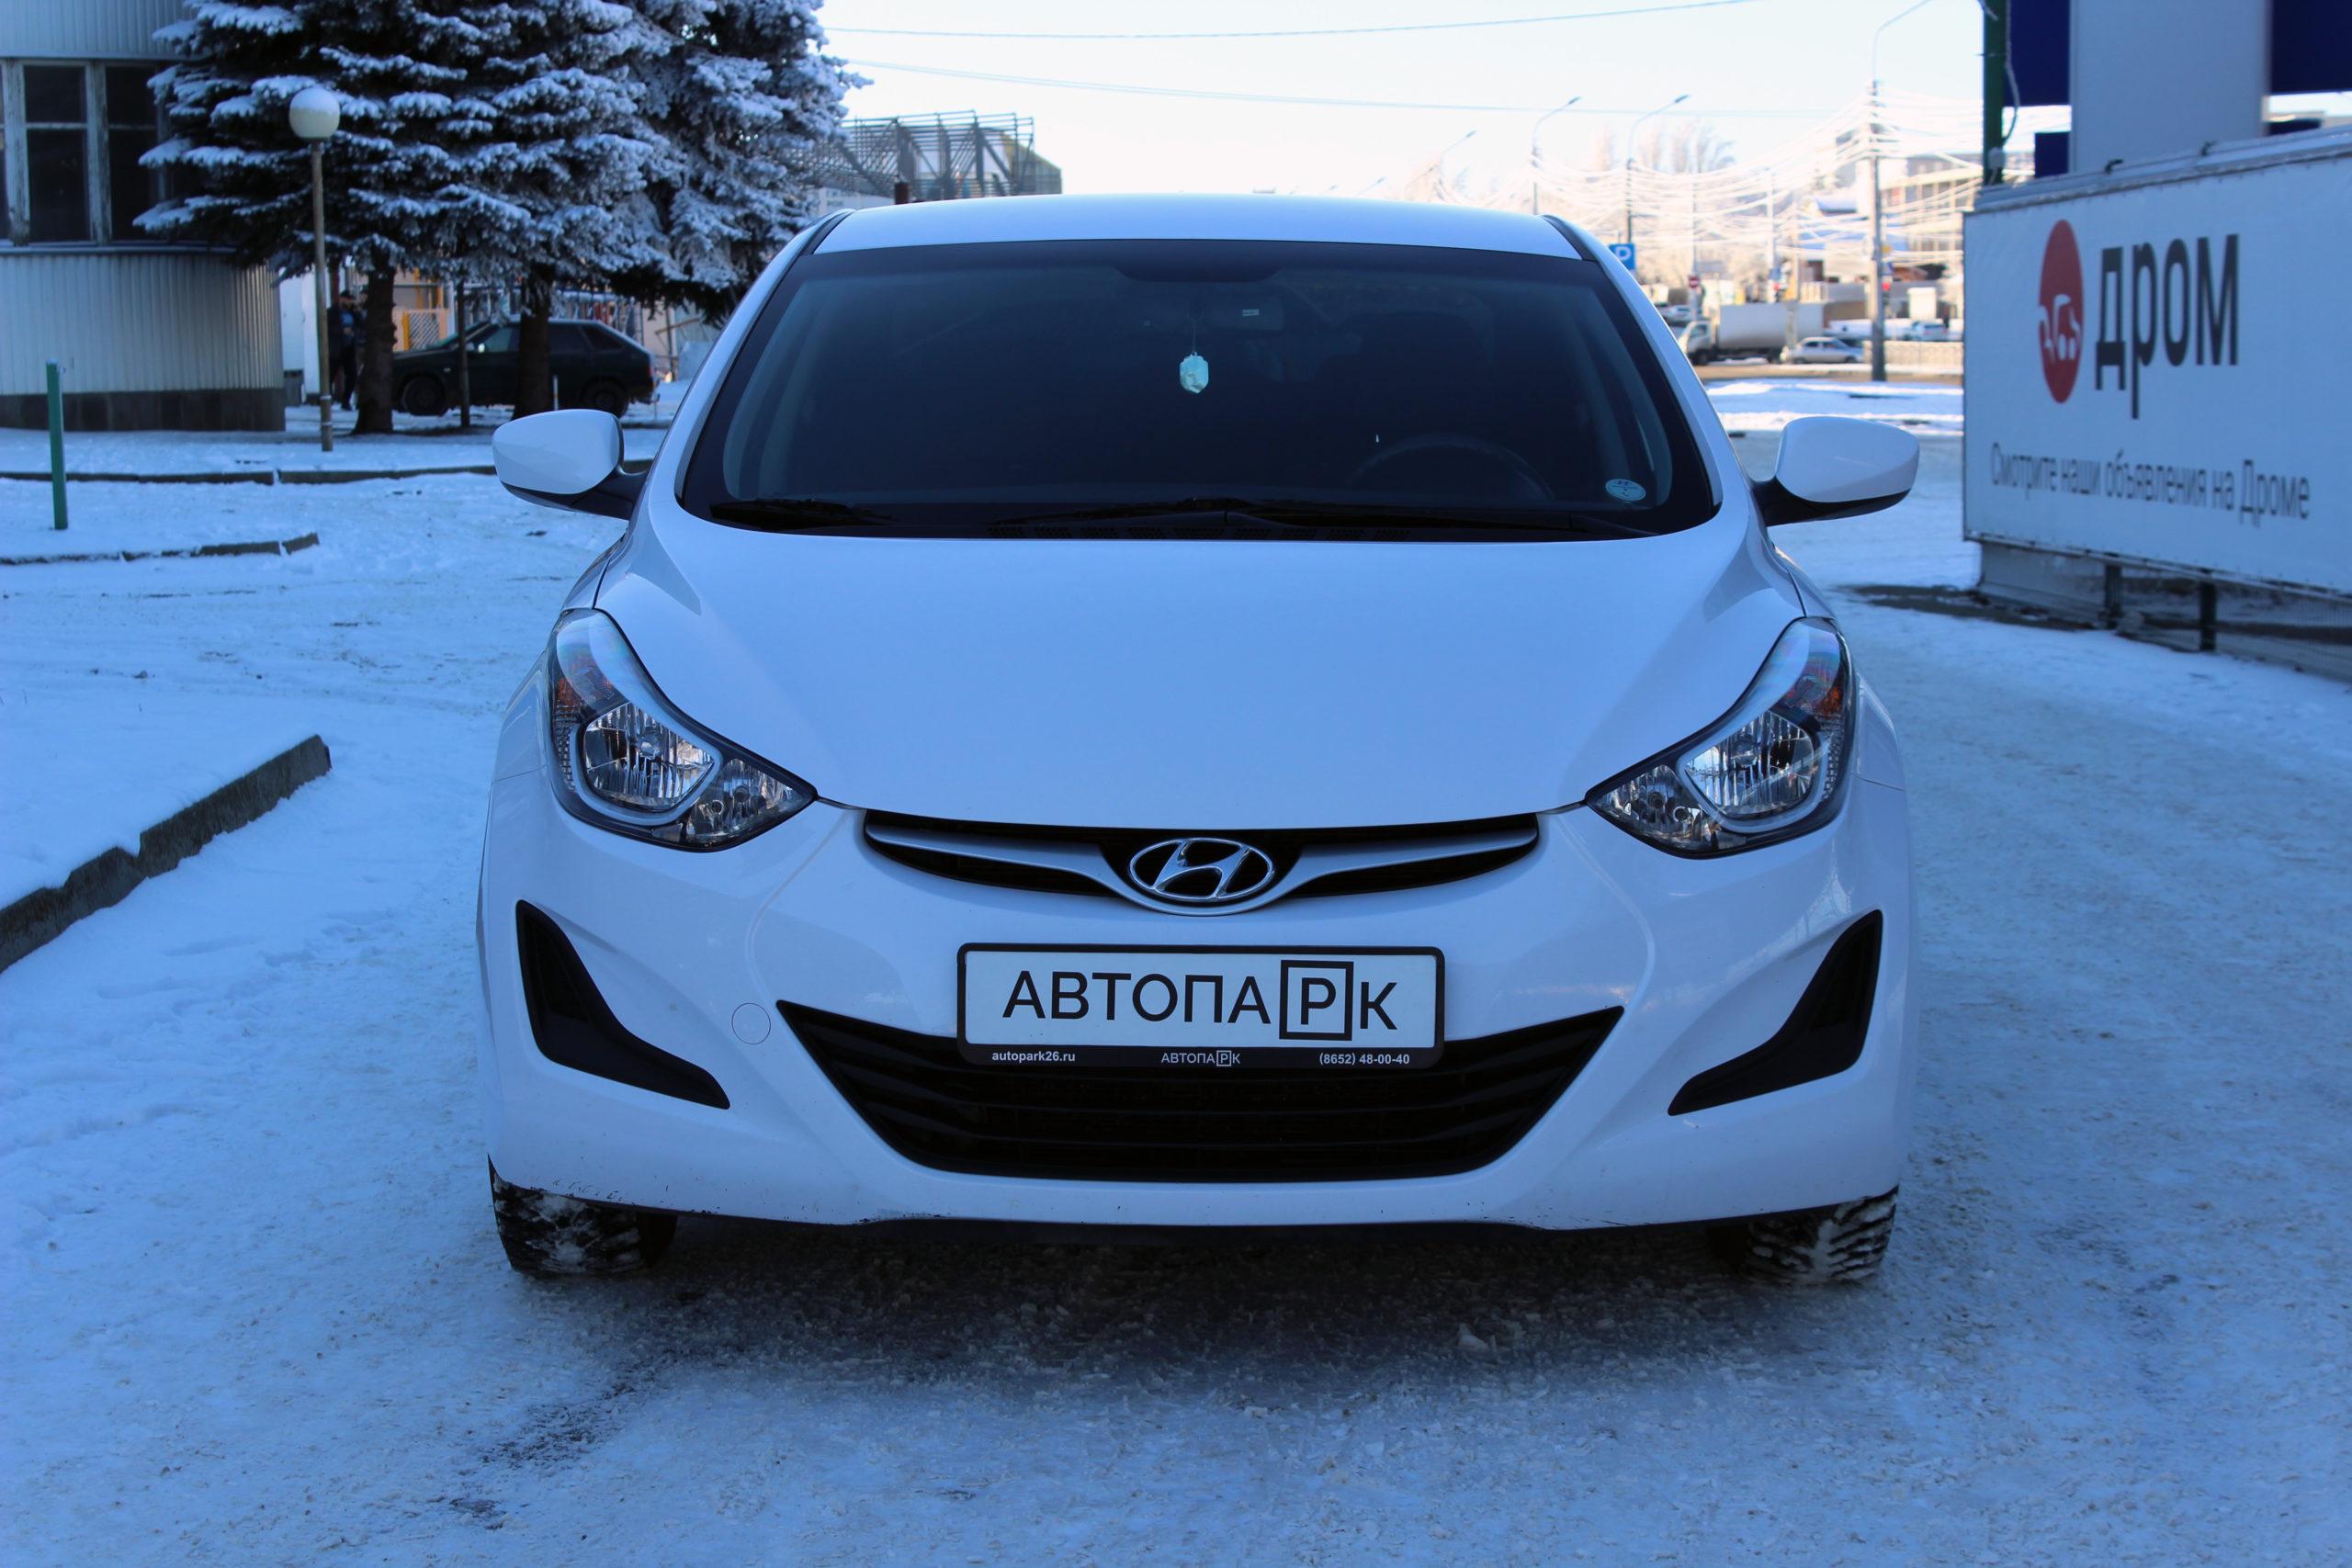 Купить Hyundai Elantra (Белый) - Автопарк Ставрополь